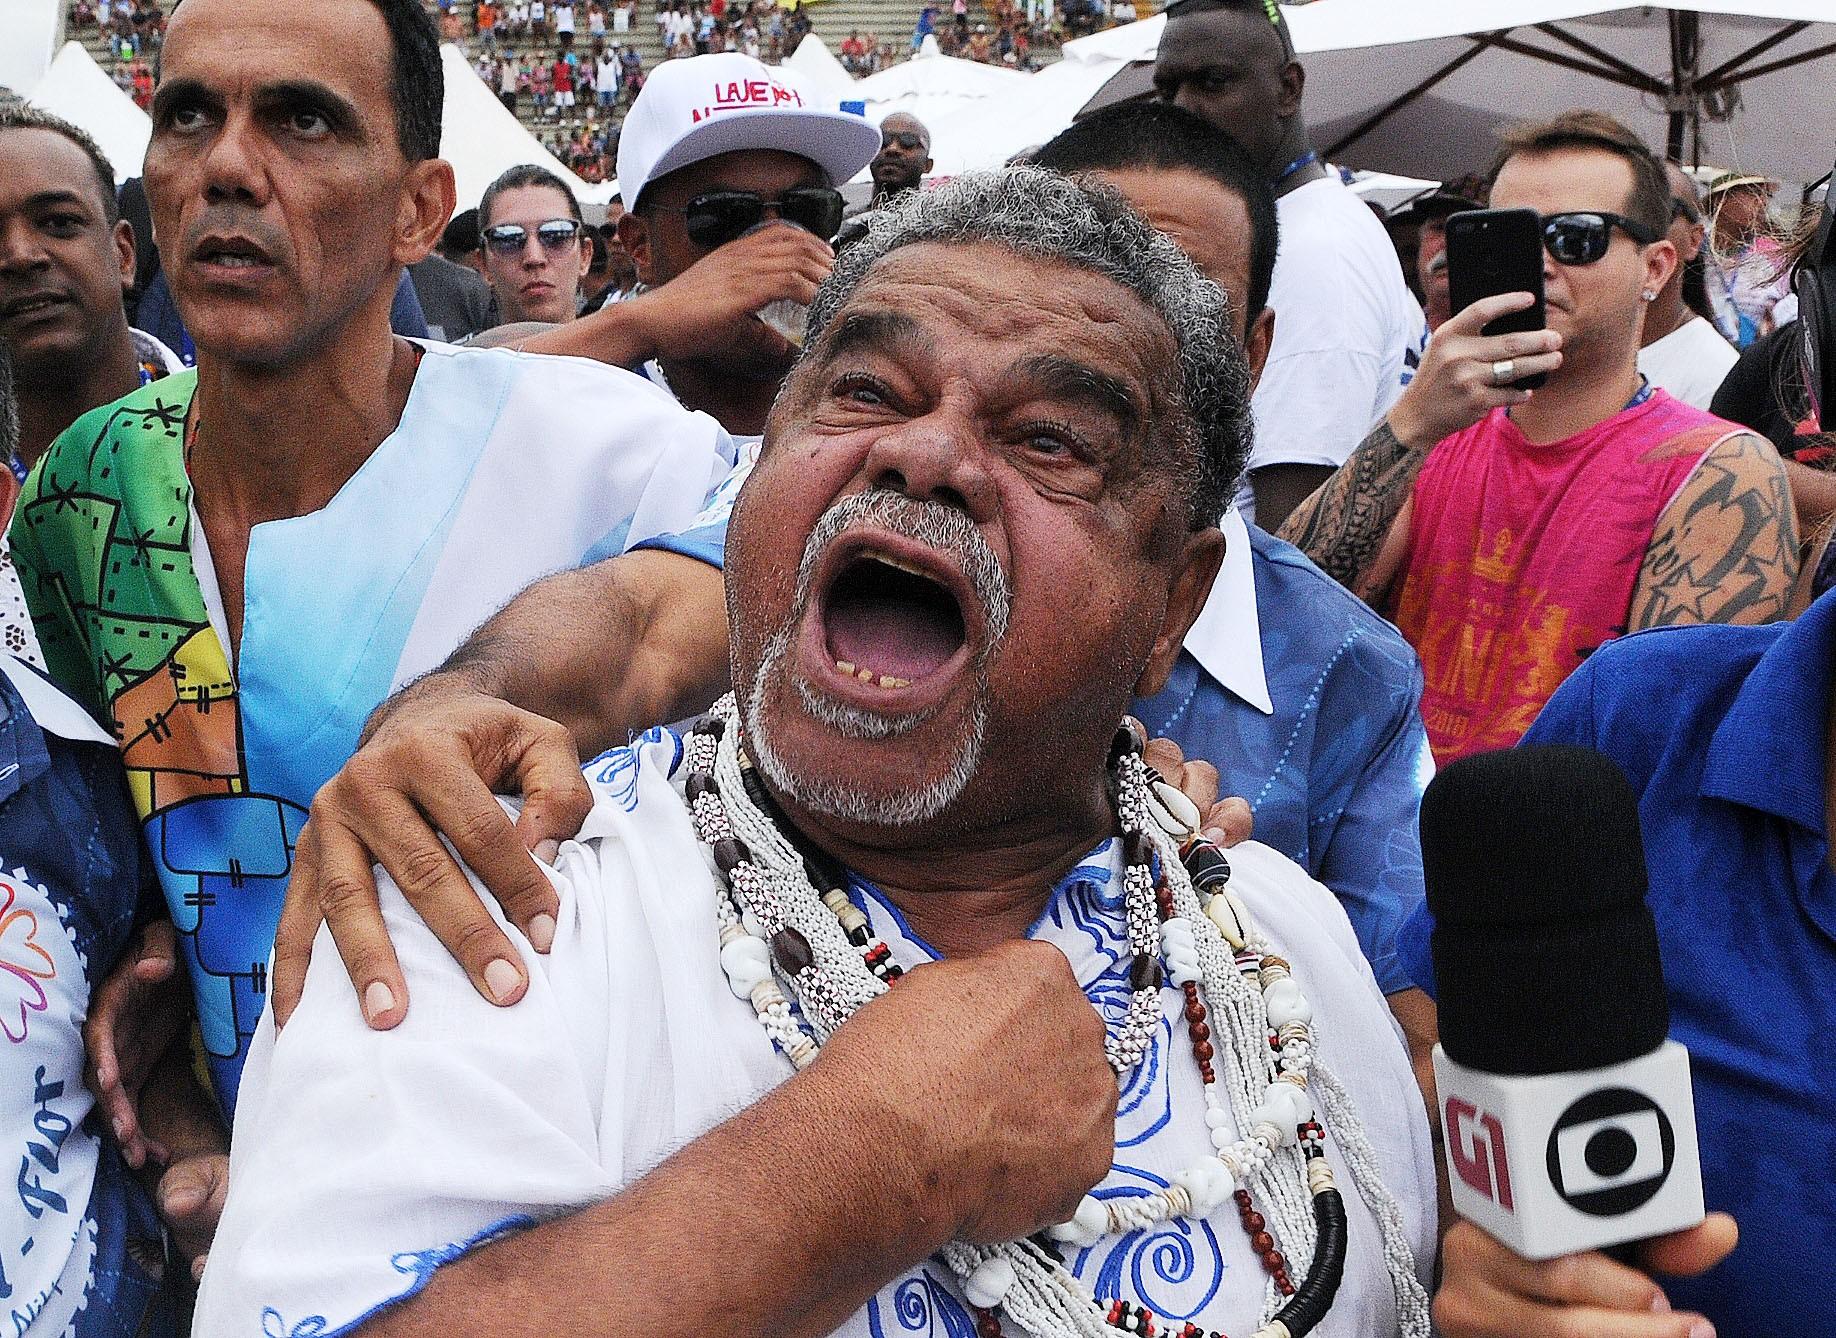 Corpo de Laíla, diretor de carnaval, é enterrado neste sábado no Caju